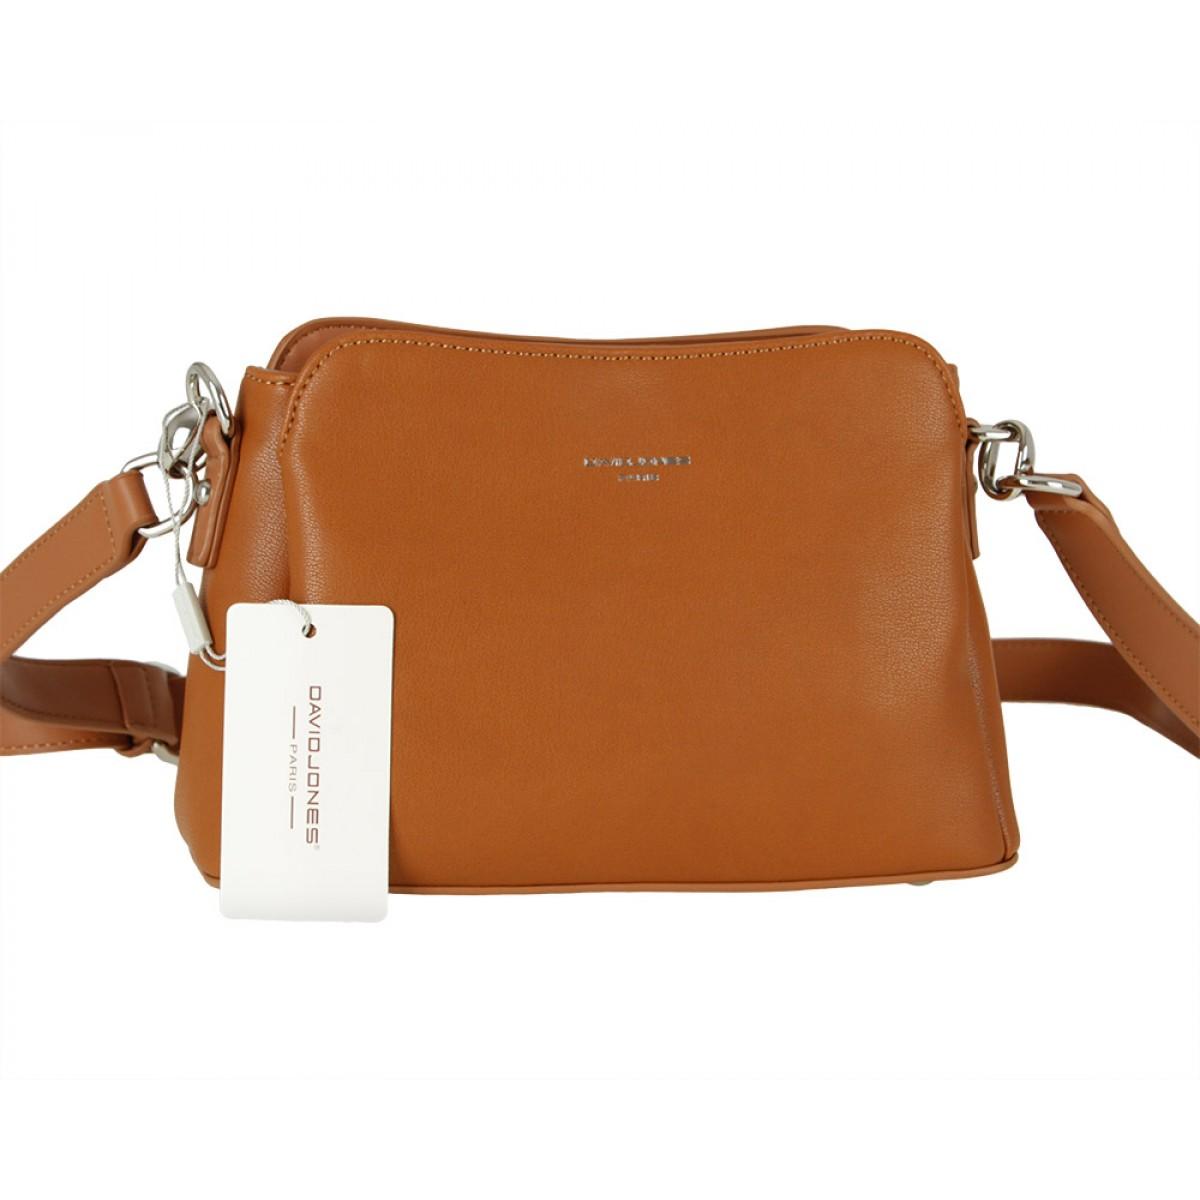 Жіноча сумка David Jones CM5744 COGNAC